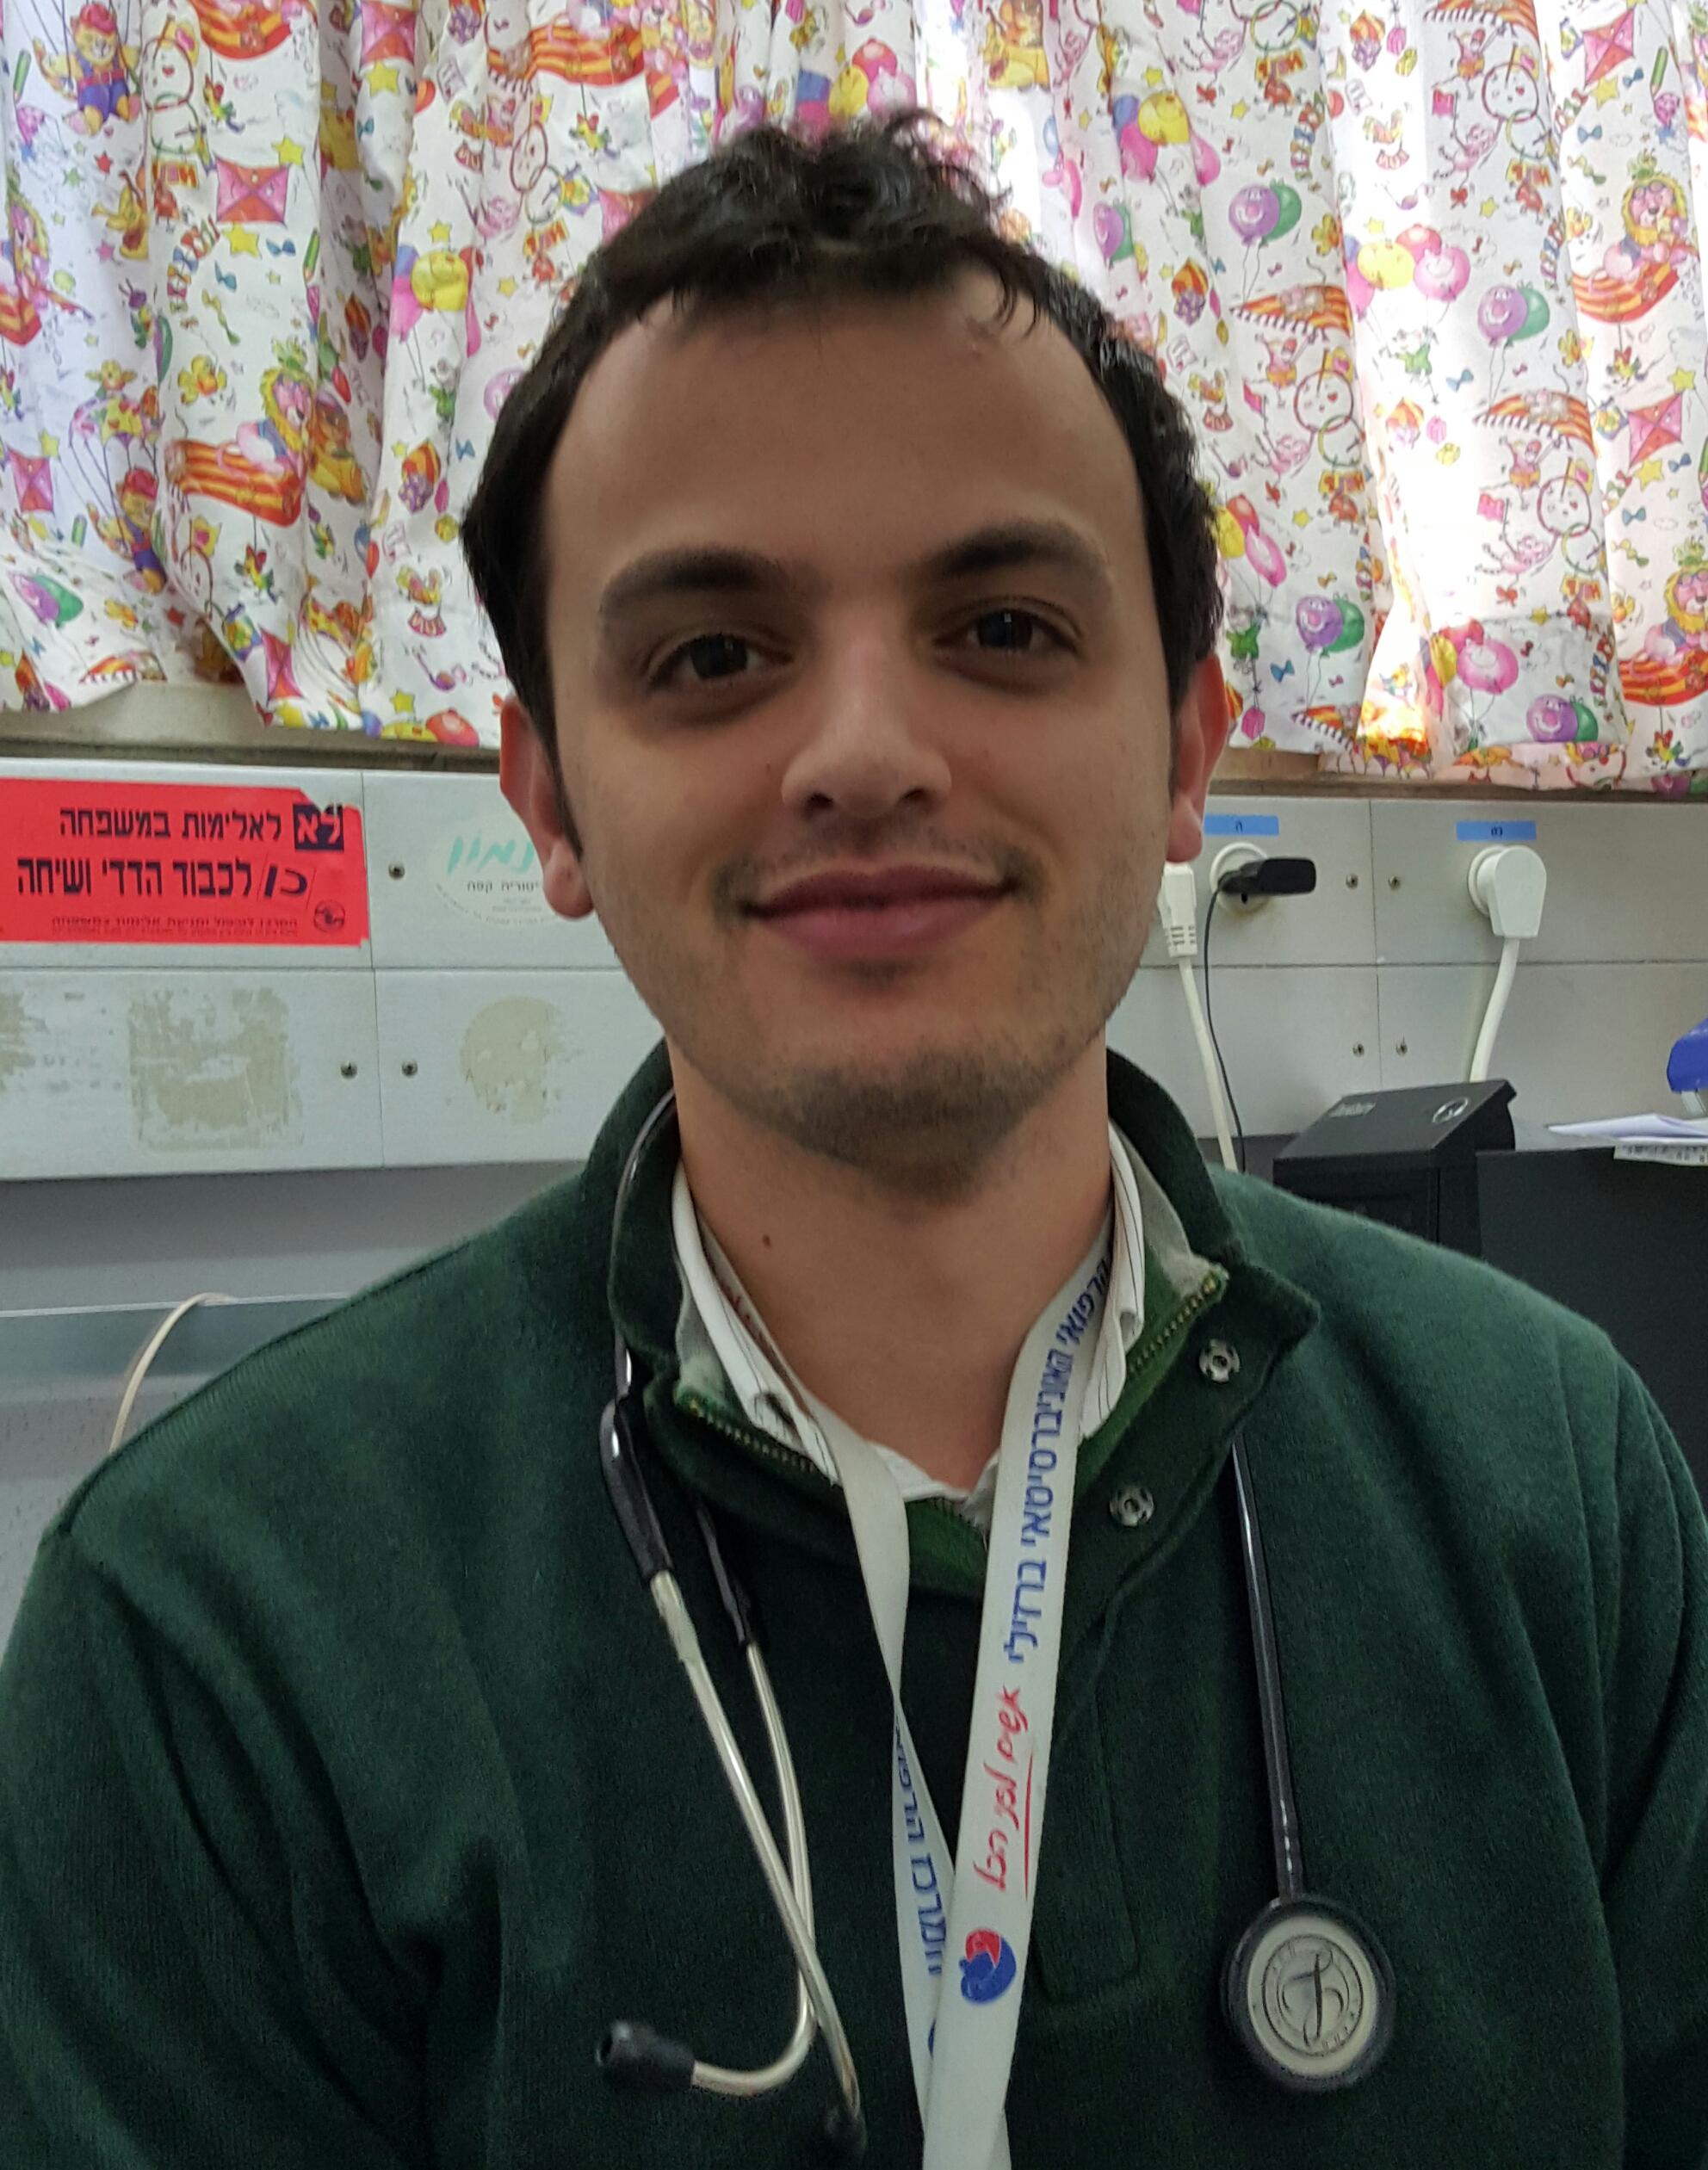 """ד""""ר מוחמד יעקוב אבו סעוד מתמחה בהימטו-אונקולוגית ילדים, מומחה ברפואת ילדים"""